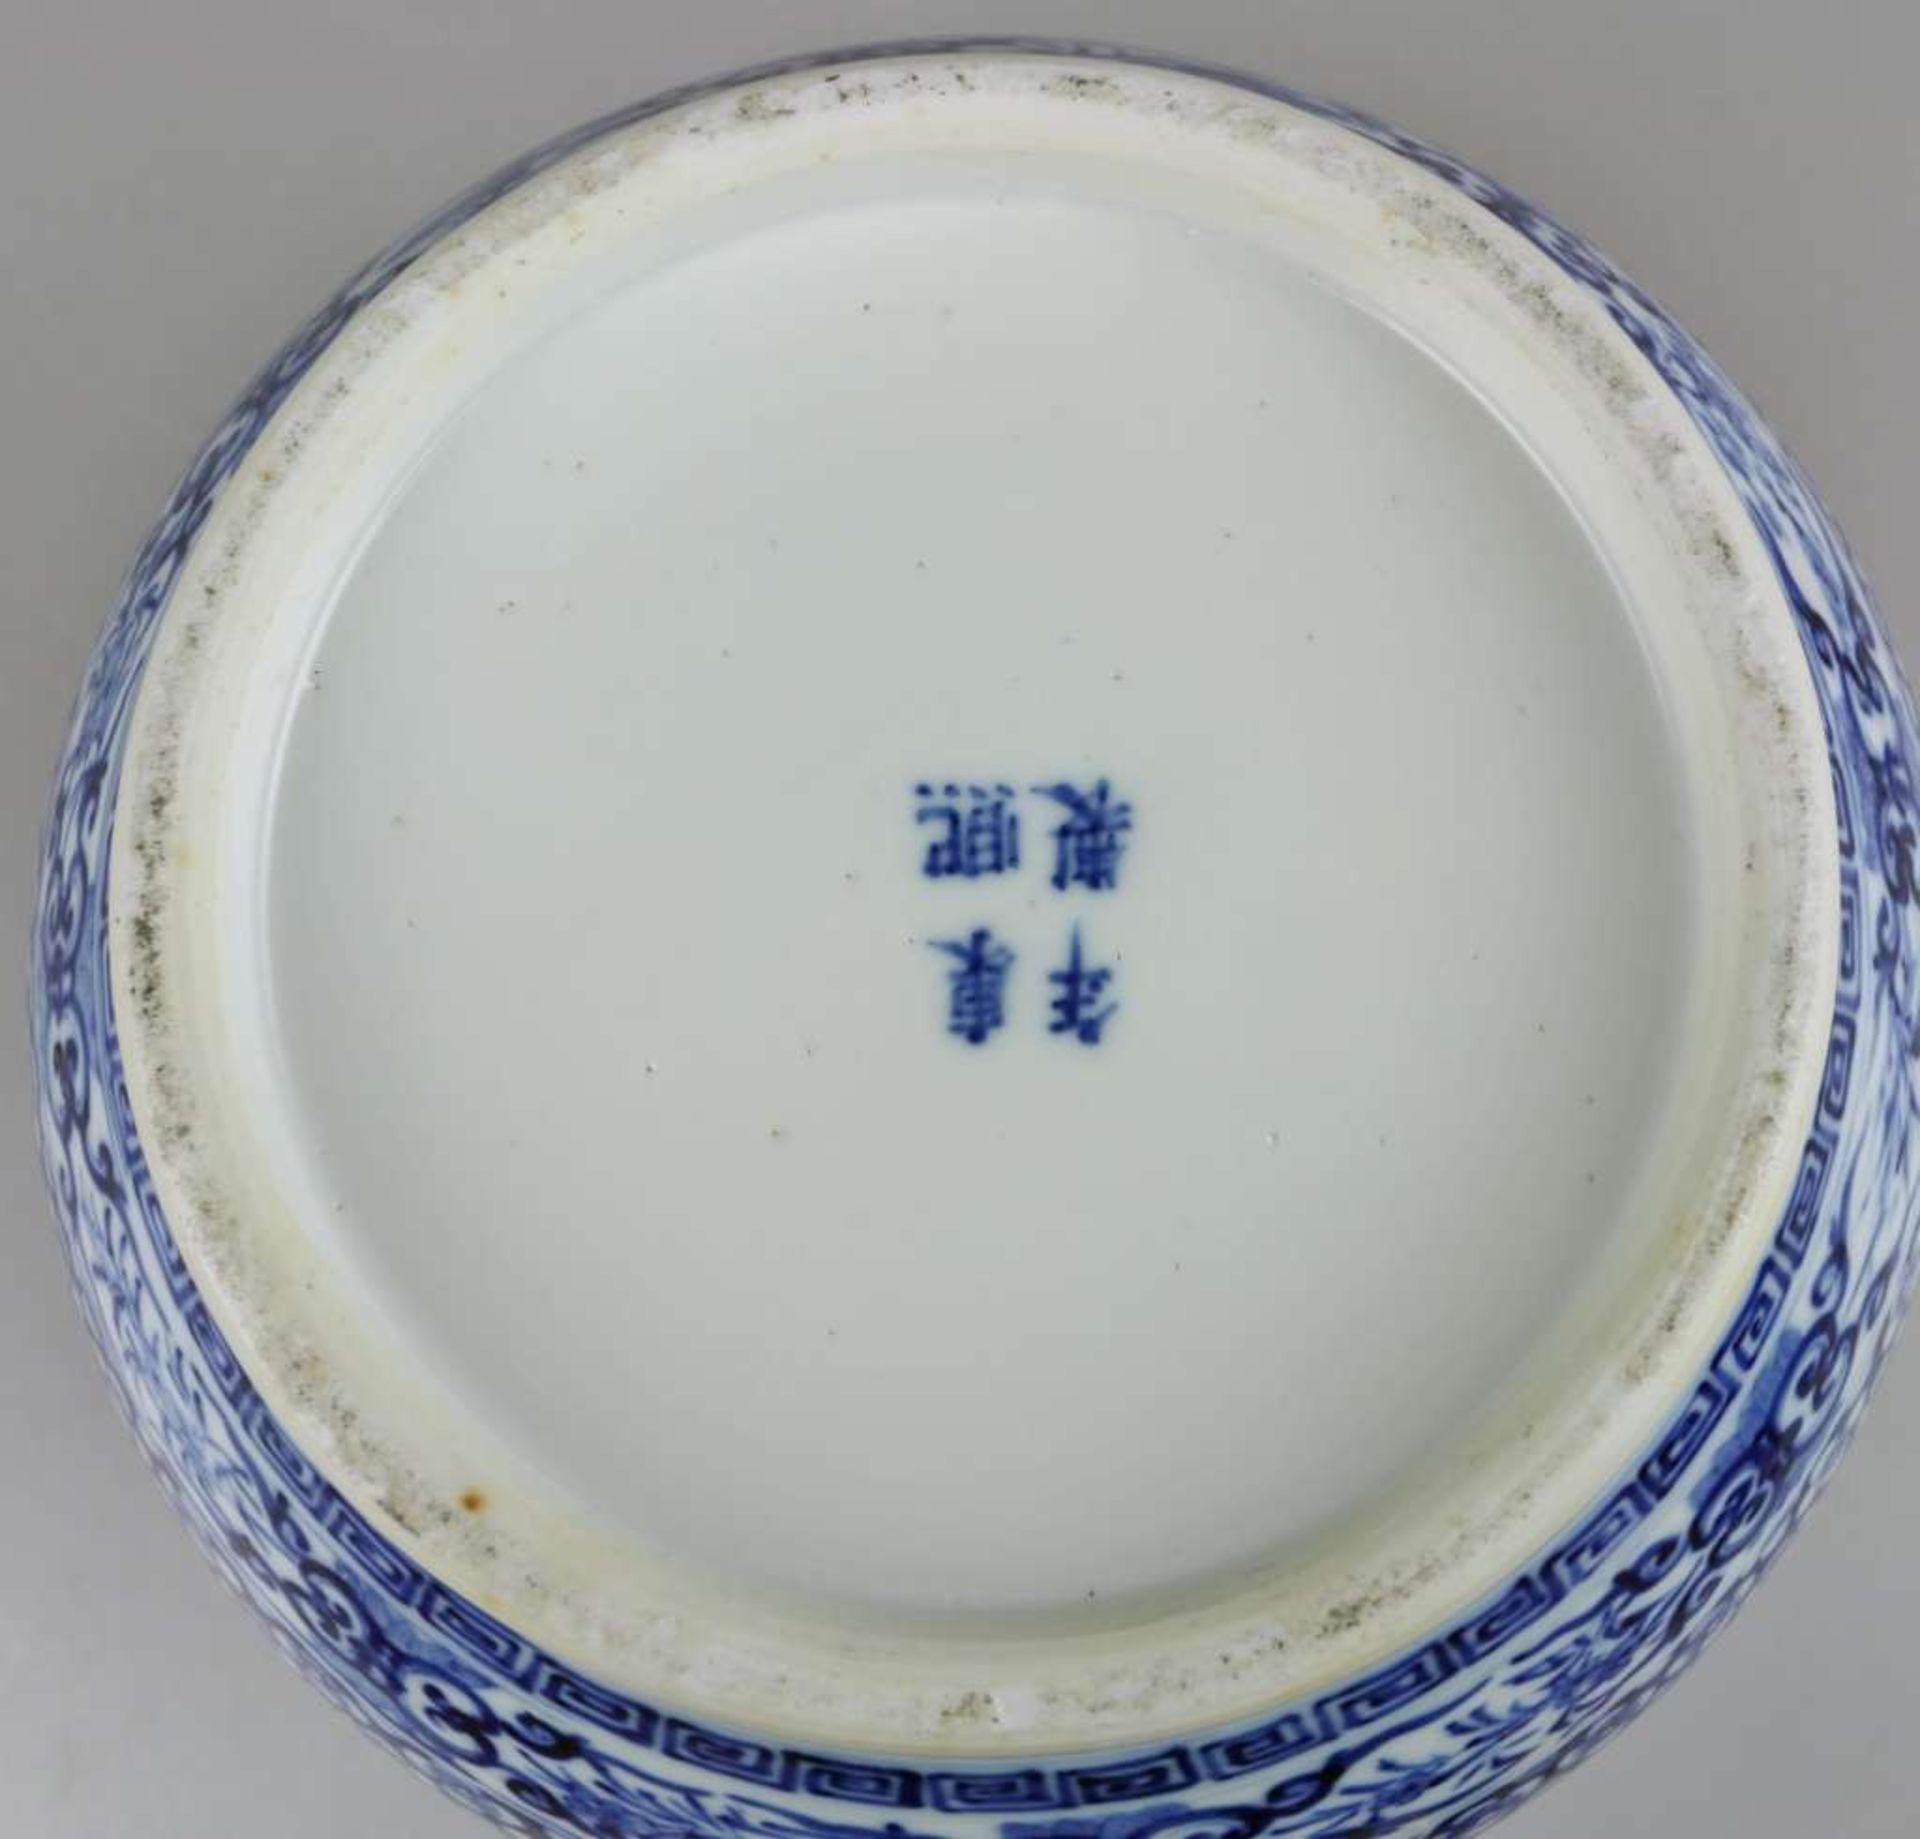 Großer Topf, China, Blau-Weiß mit Flachdeckel, Qing-Dynastie (1644-1911). Kugeliger, leicht g - Bild 6 aus 6